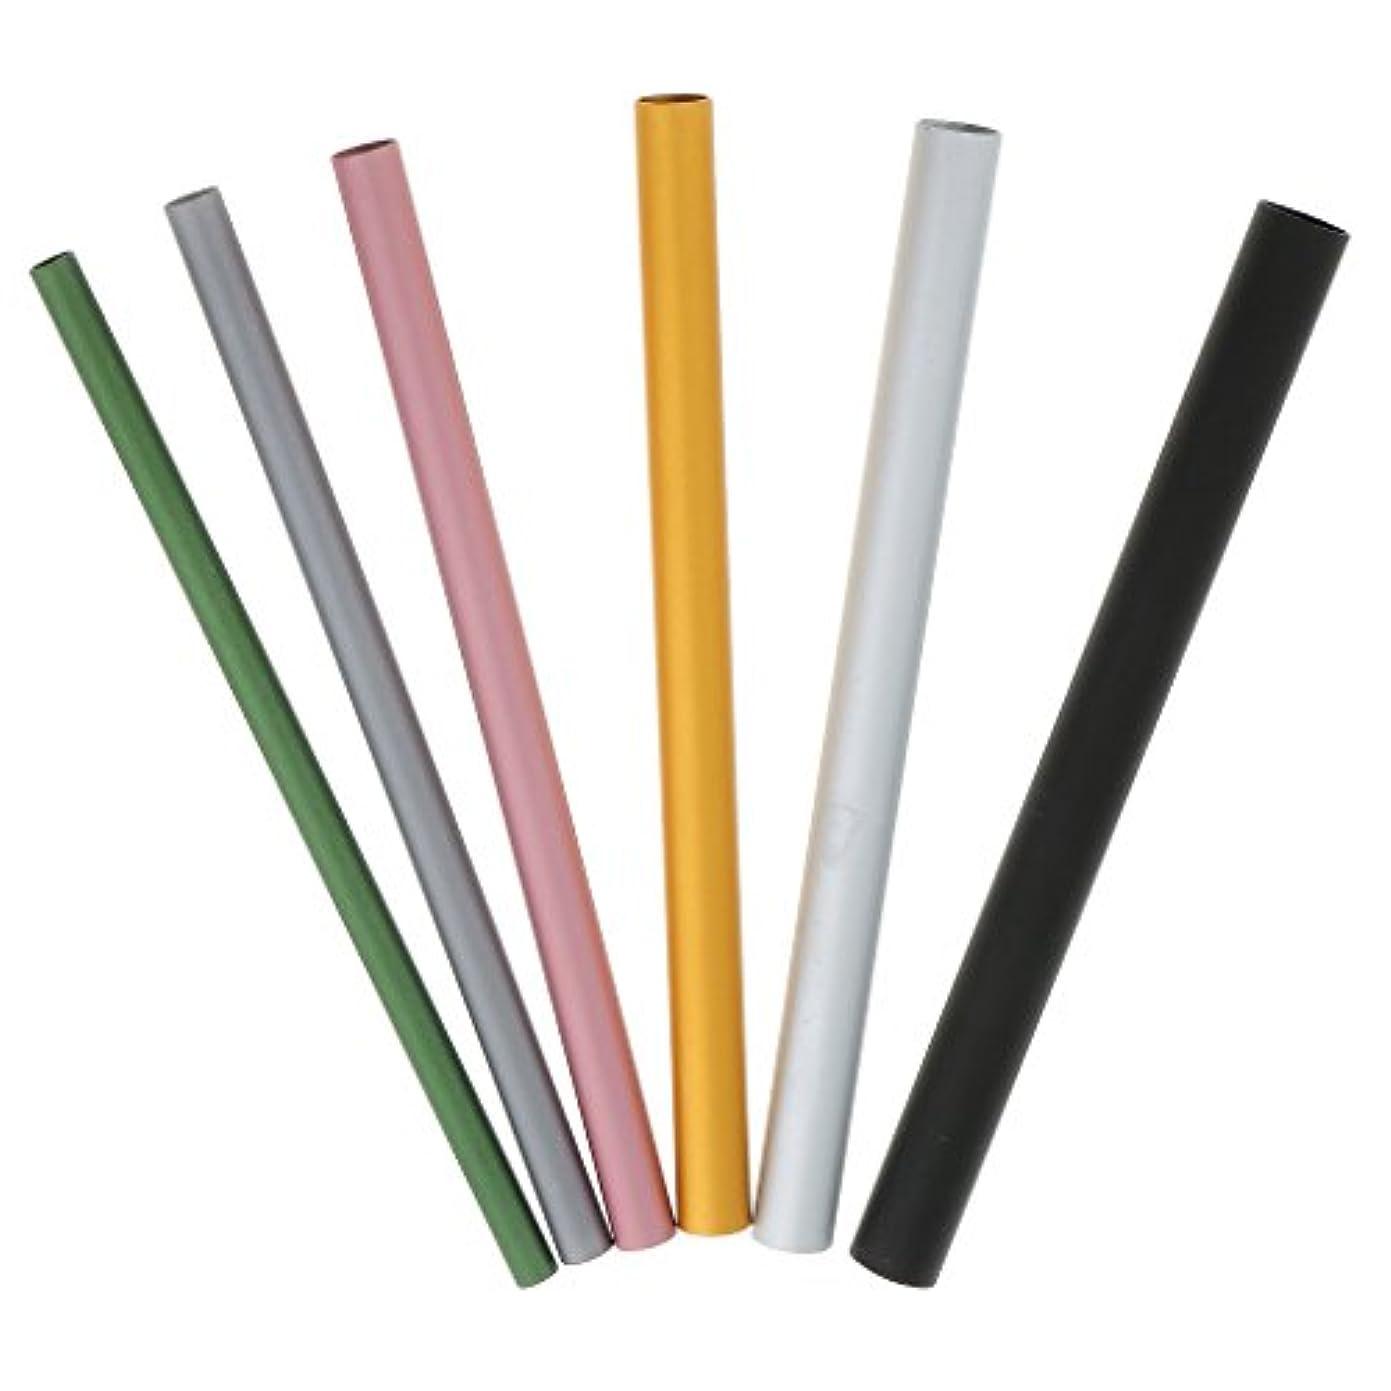 ぞっとするようなに同意する憲法6本 ミックスサイズ Cカーブ ネイルアート アルミ棒 ネイル道具